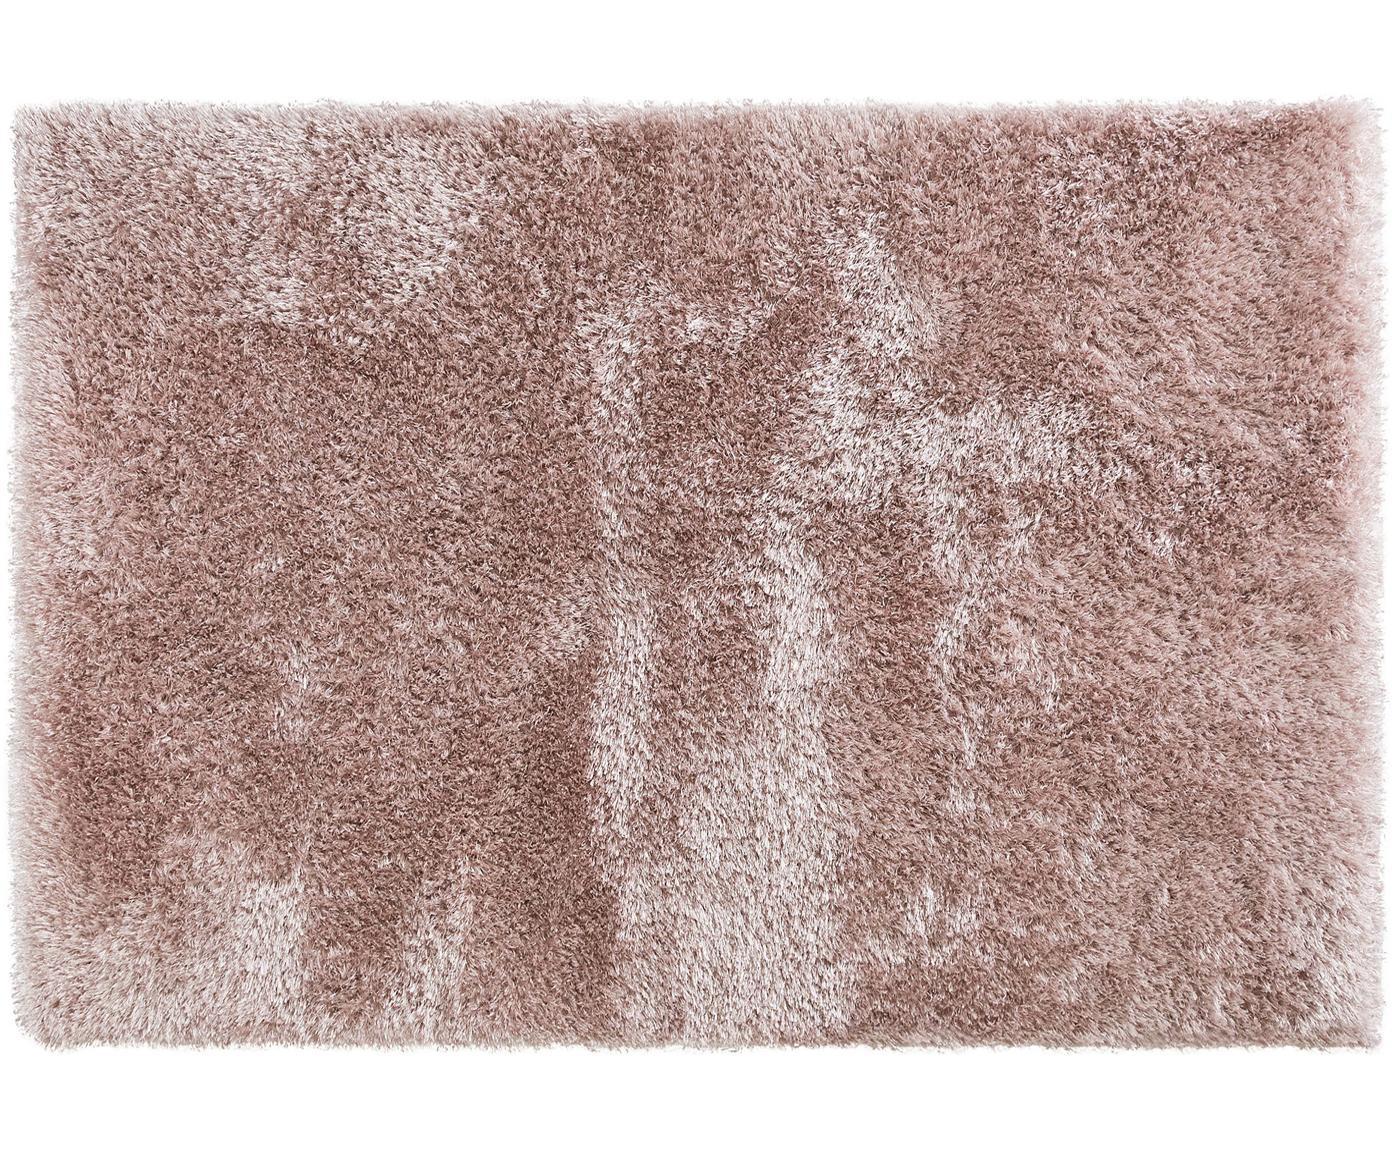 Dywan z wysokim stosem Lea, 50% poliester, 50% polipropylen, Różowy, S 140 x D 200 cm (Rozmiar S)